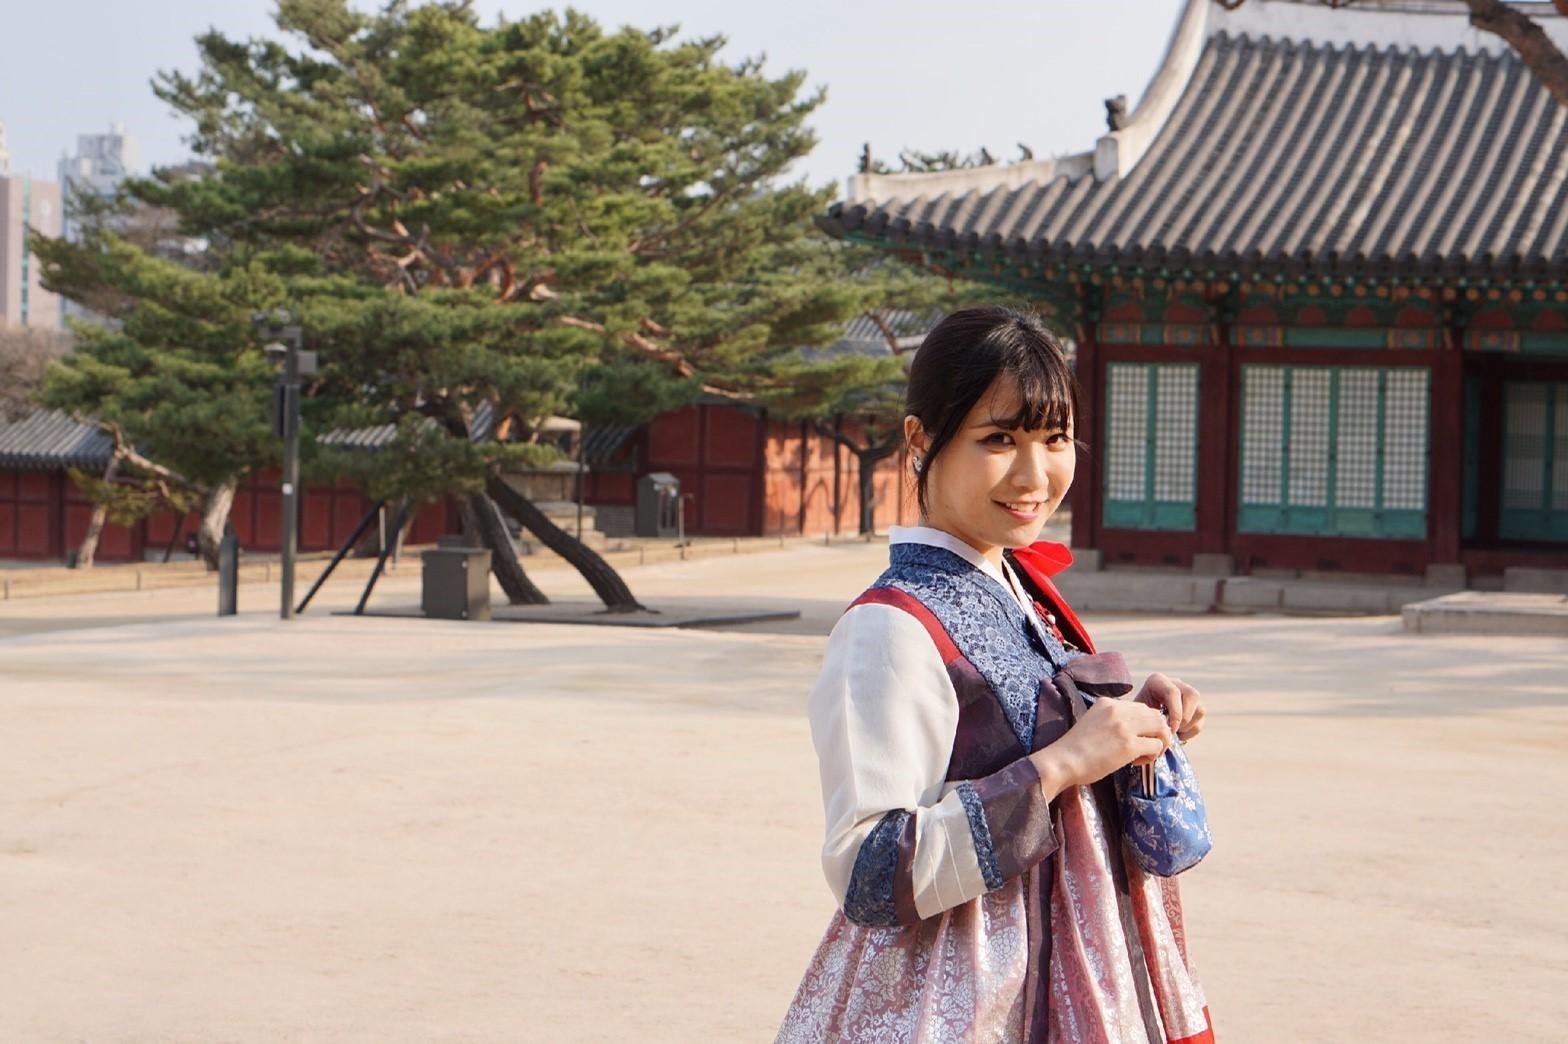 【韓国】チマチョゴリを着て韓国を堪能!_1_3-1